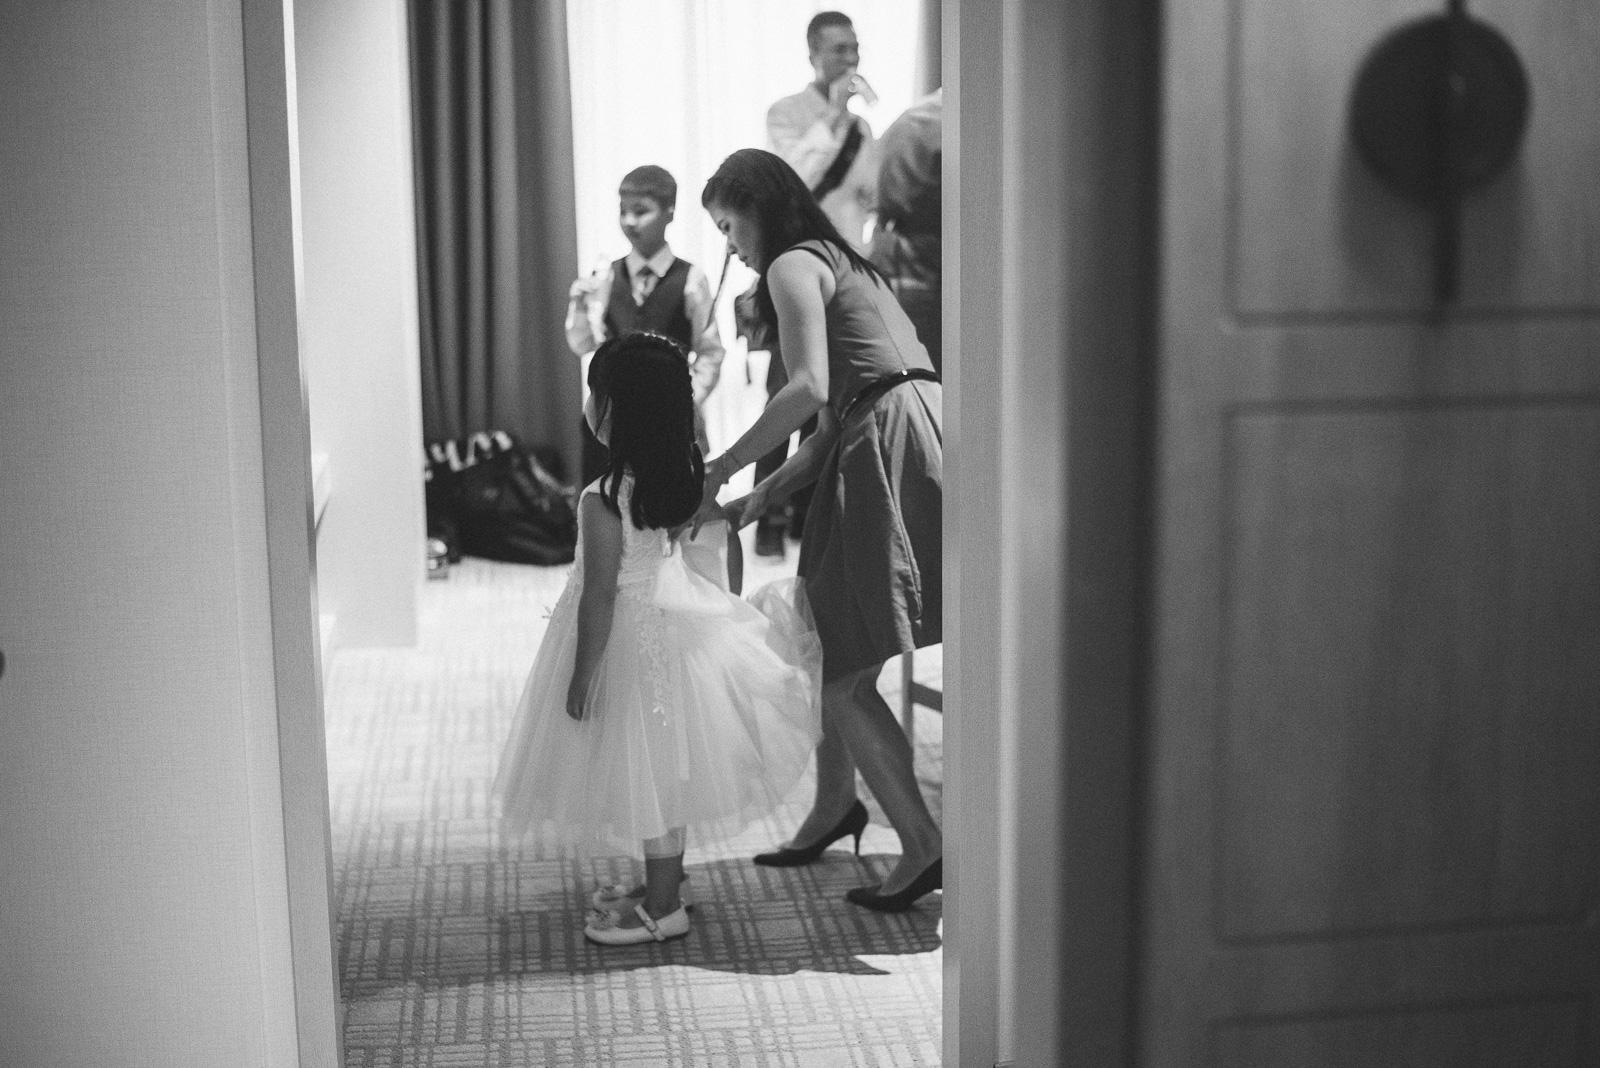 婚禮攝影_BW黑白照